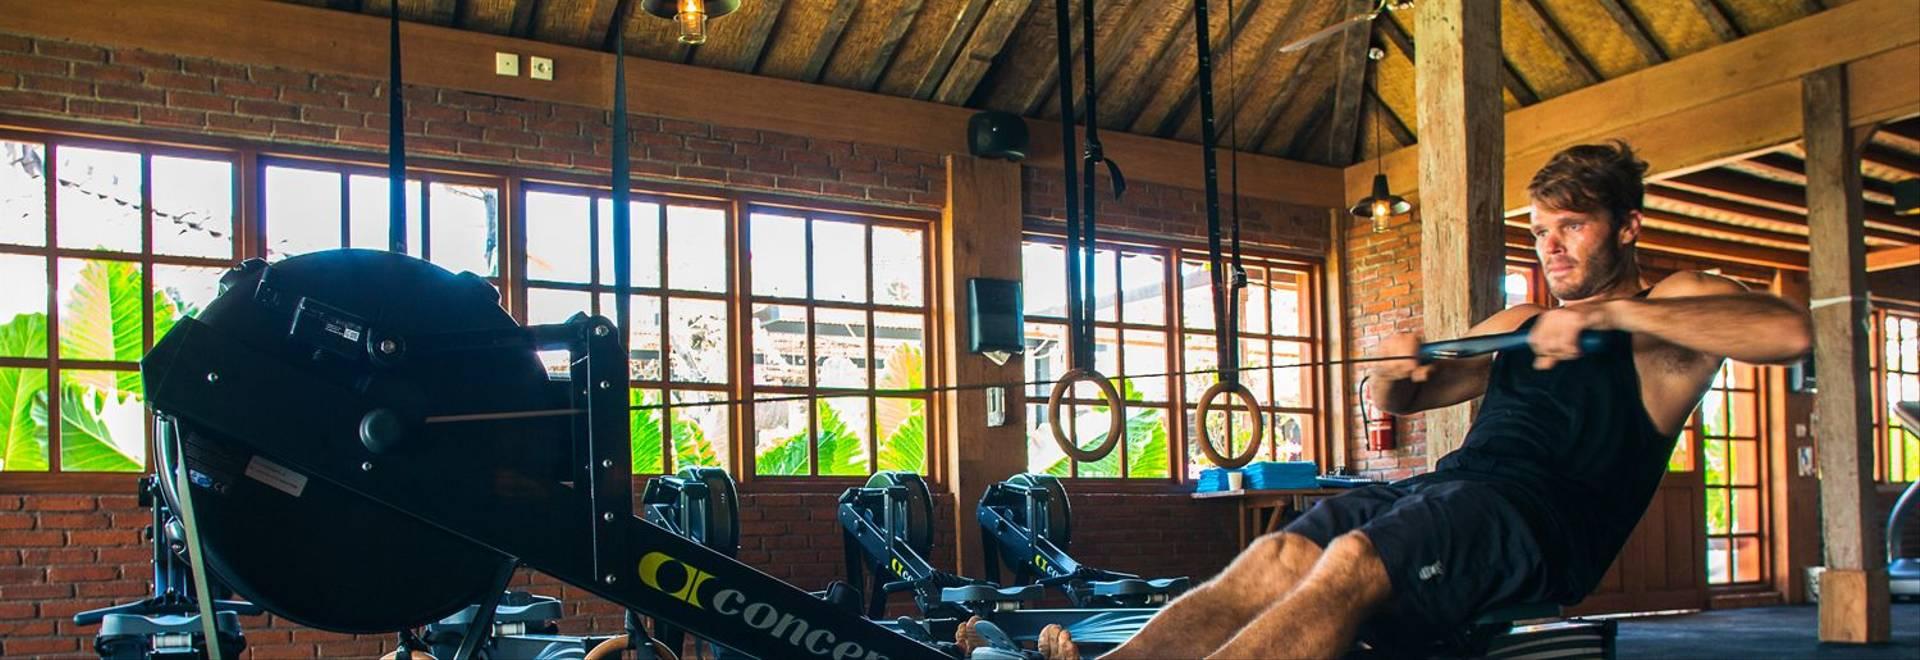 Komune-Bali-men-fitness.jpg